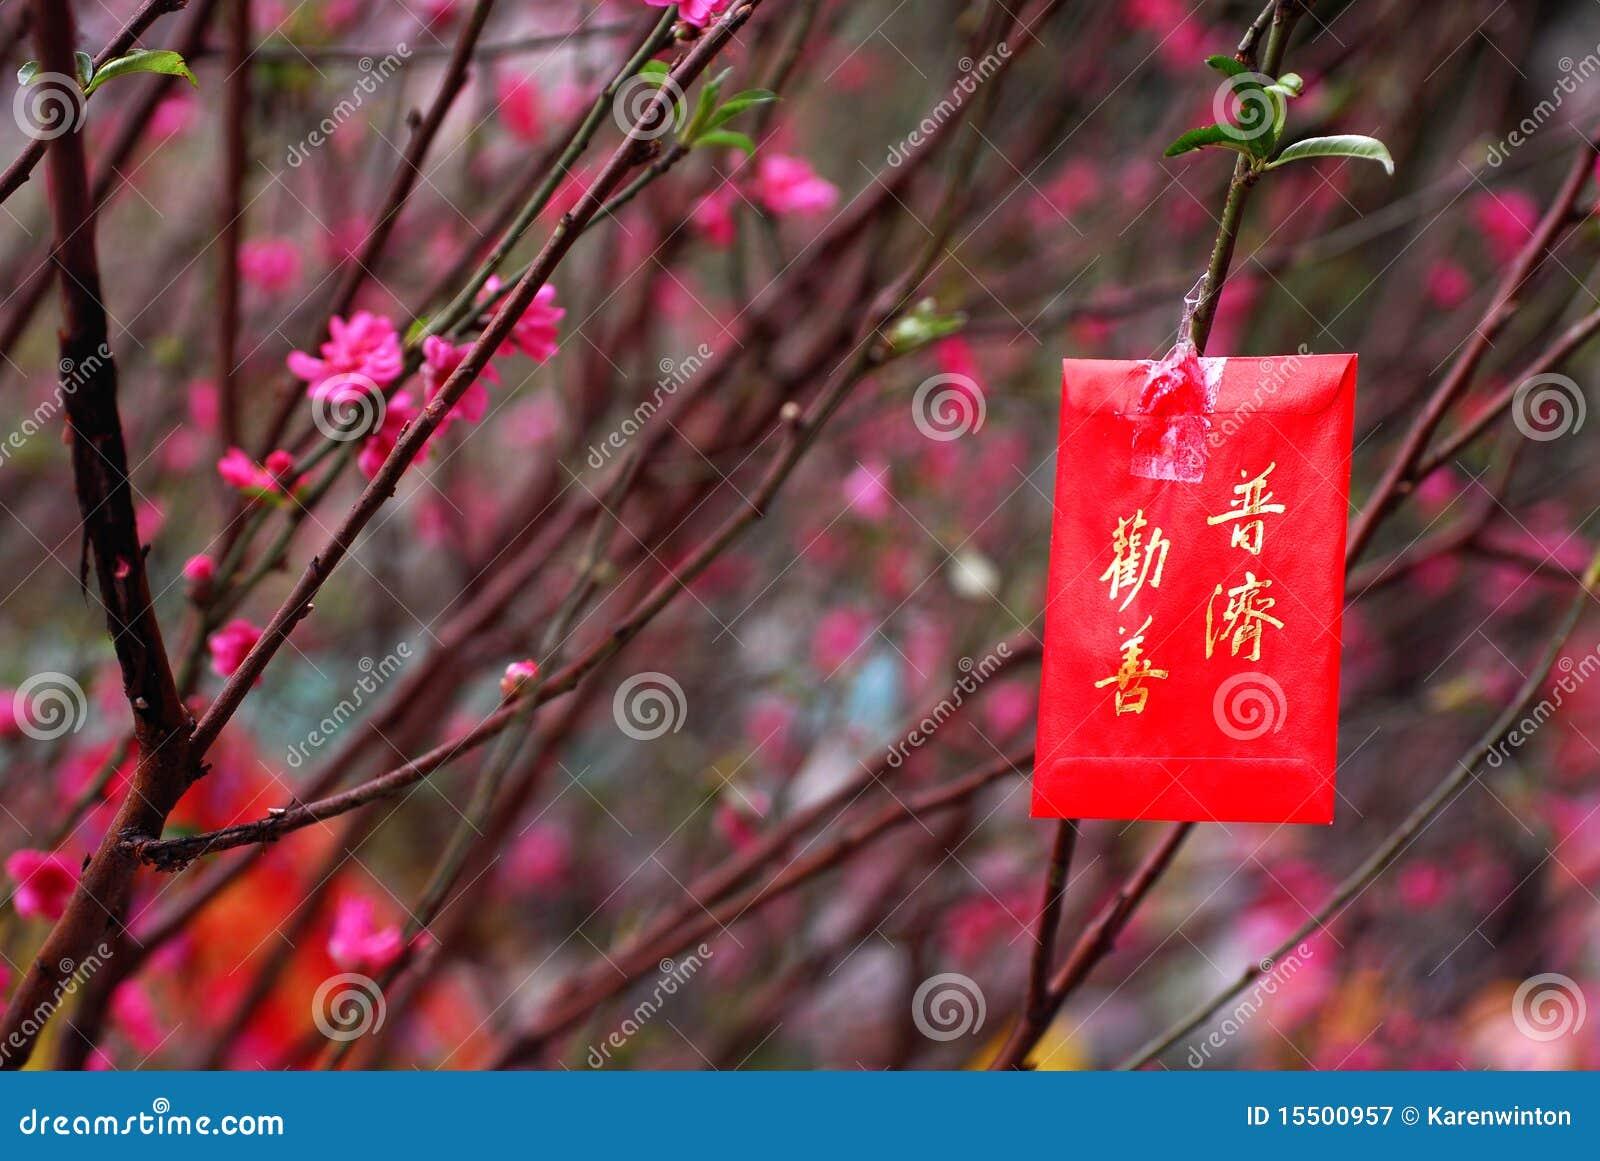 Imagens chinesas do ano novo